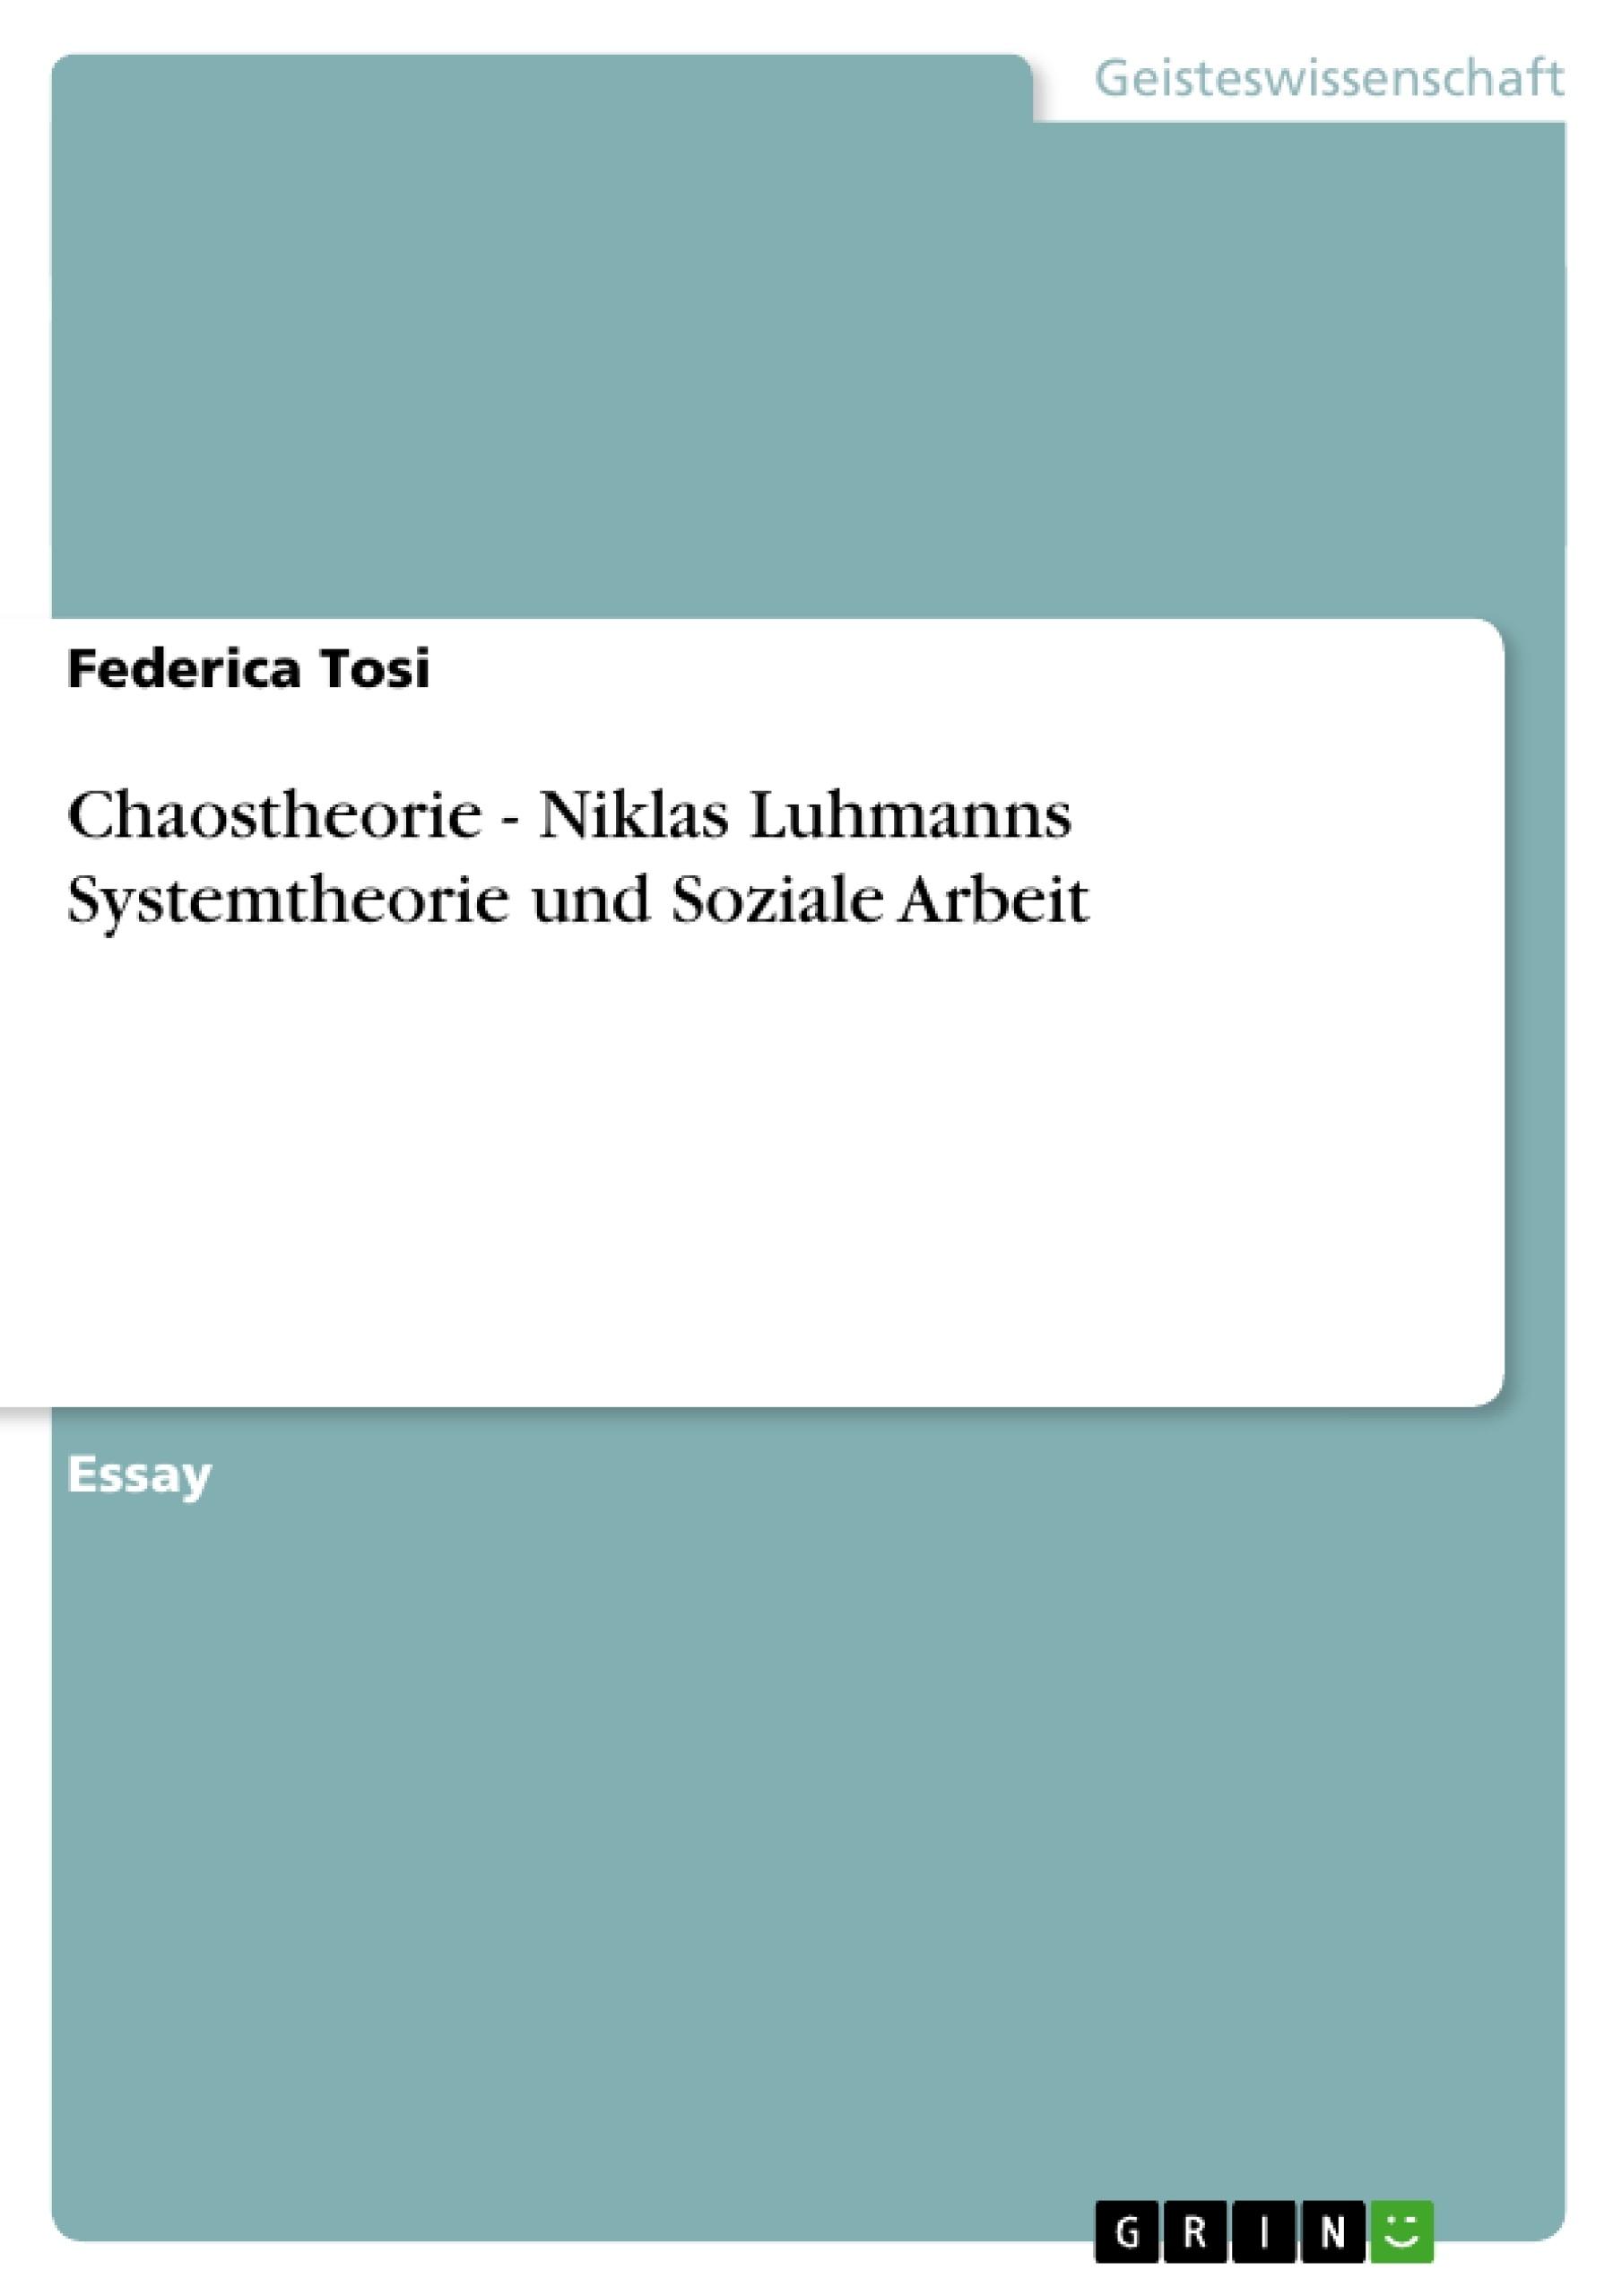 Titel: Chaostheorie - Niklas Luhmanns Systemtheorie und Soziale Arbeit